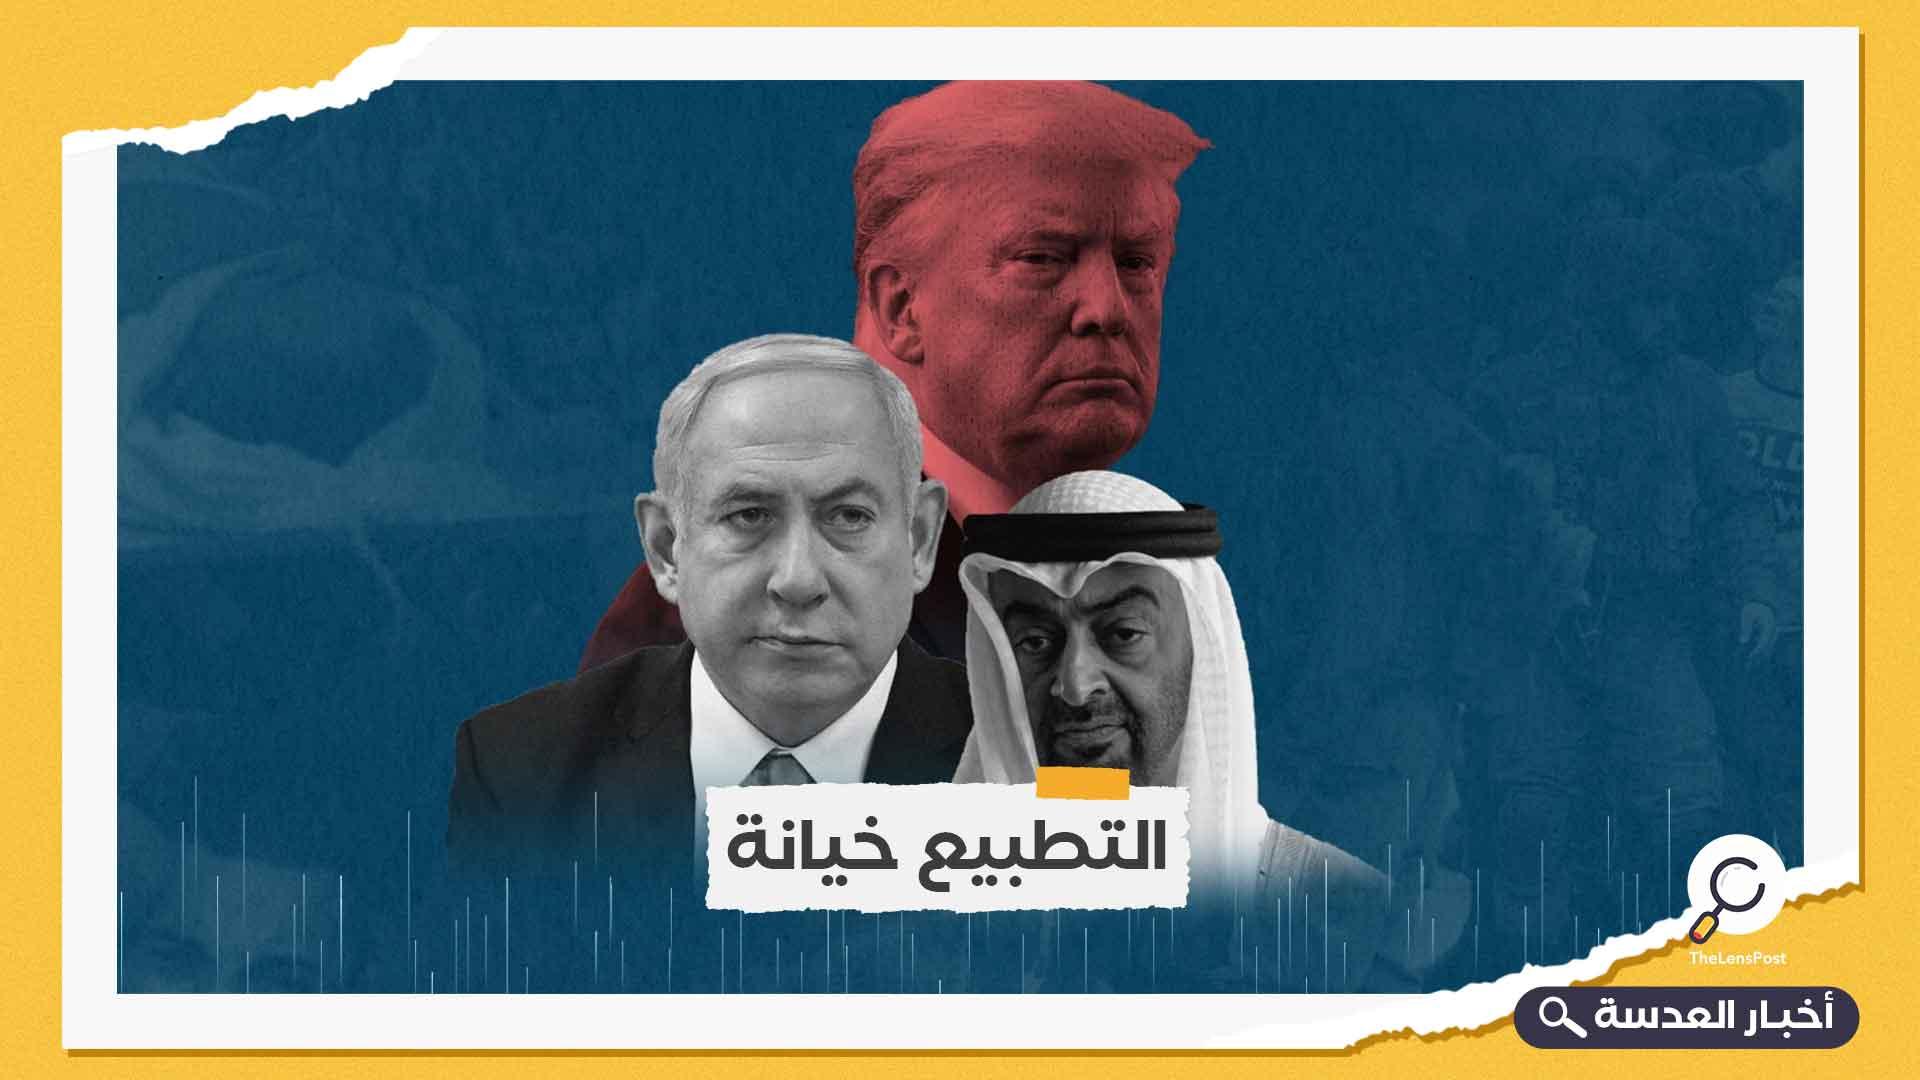 وصول أول سفير إماراتي إلى دولة الاحتلال الإسرائيلي